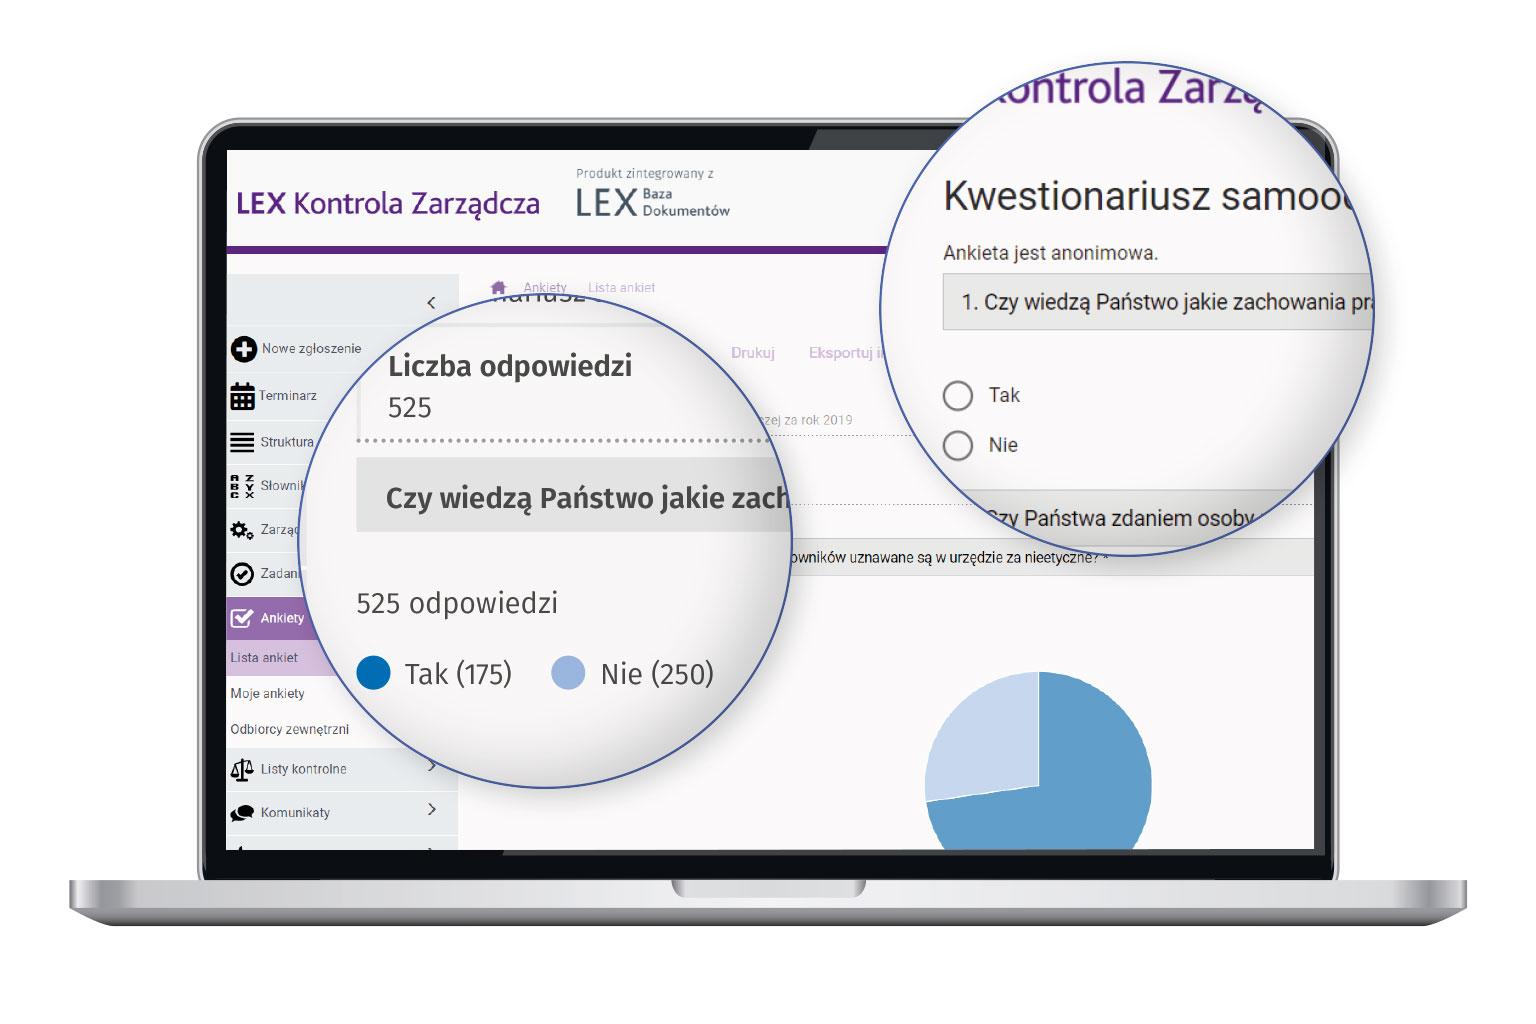 Widok programu LEX Kontrola Zarządcza przedstawiający wyniki samooceny kontroli zarządczej